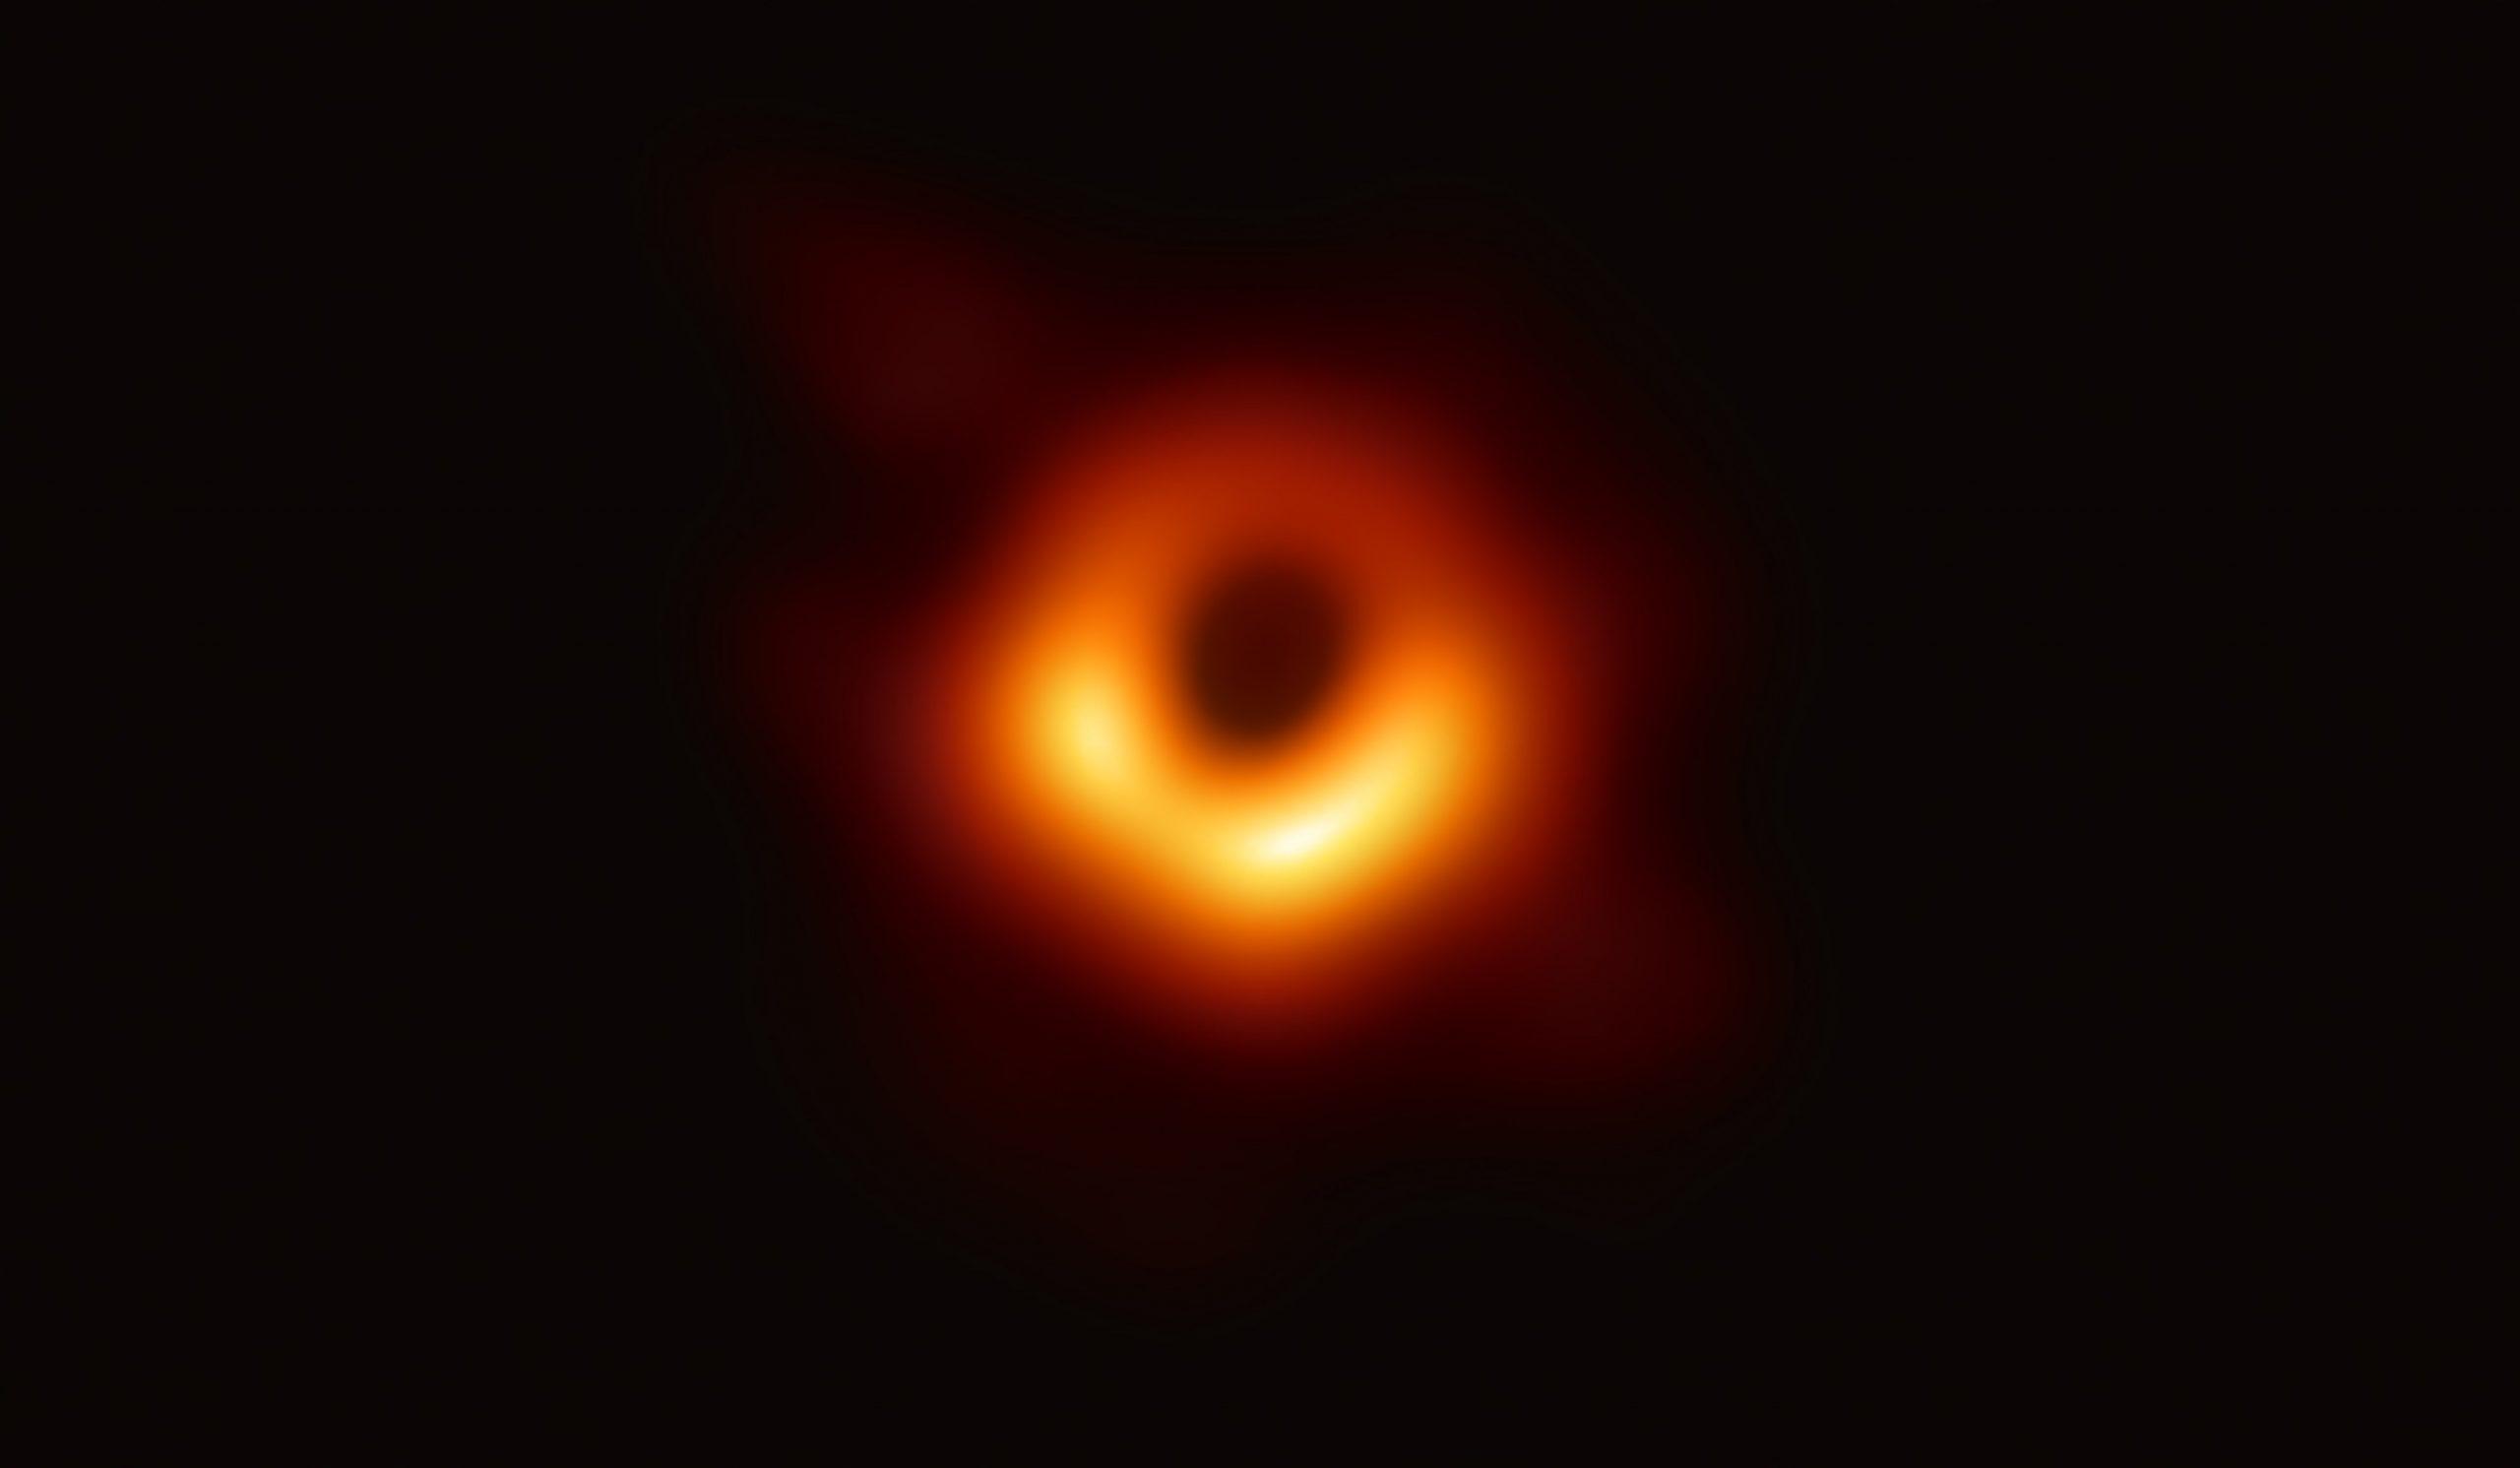 إكتشاف أسرع الثقوب السوداء نمواً في الكون